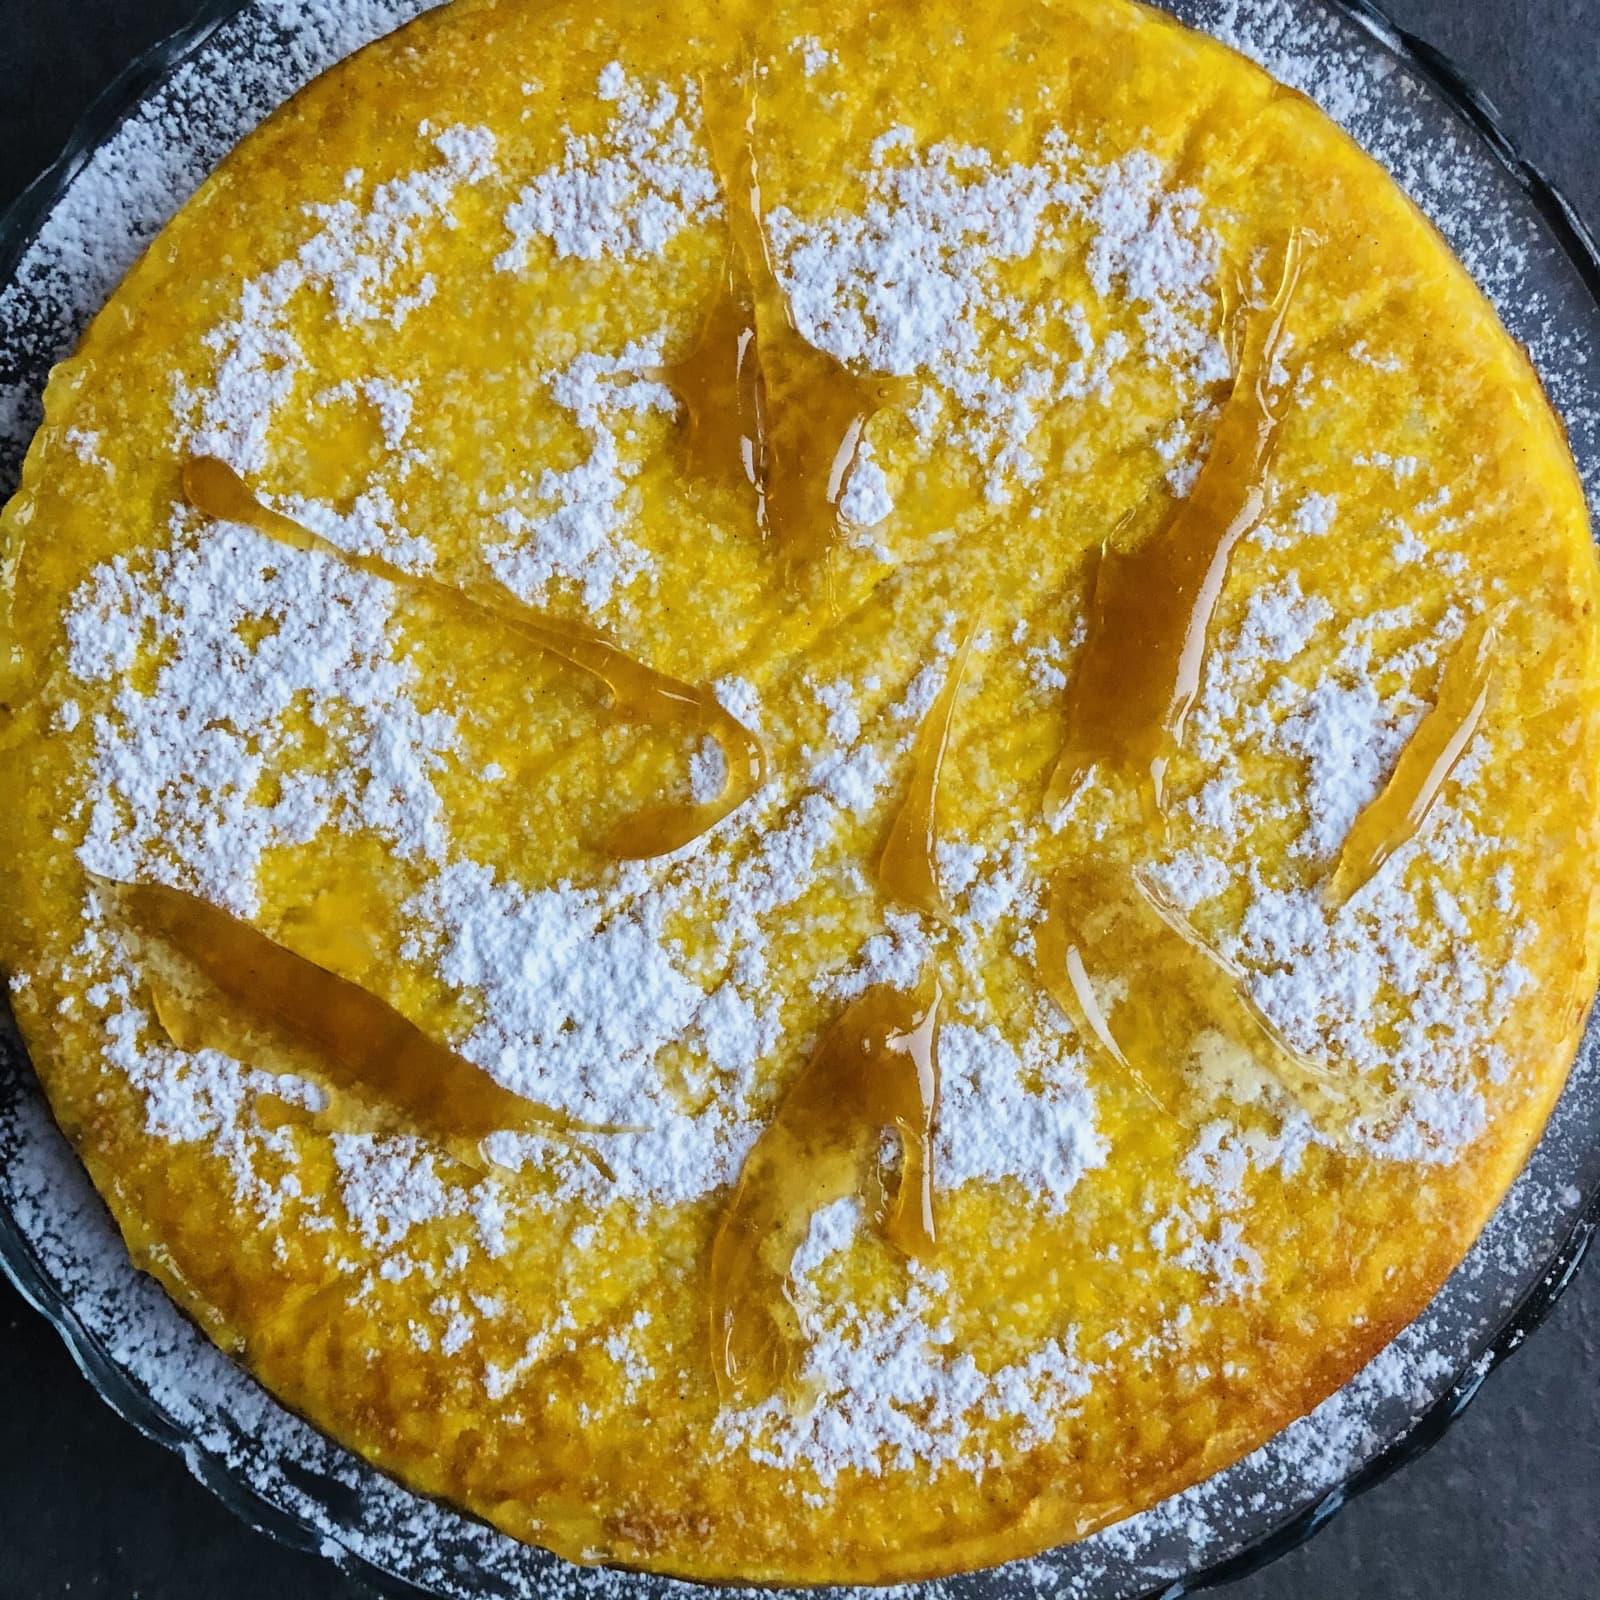 Torta di Riso: the Rice Cake from Bologna